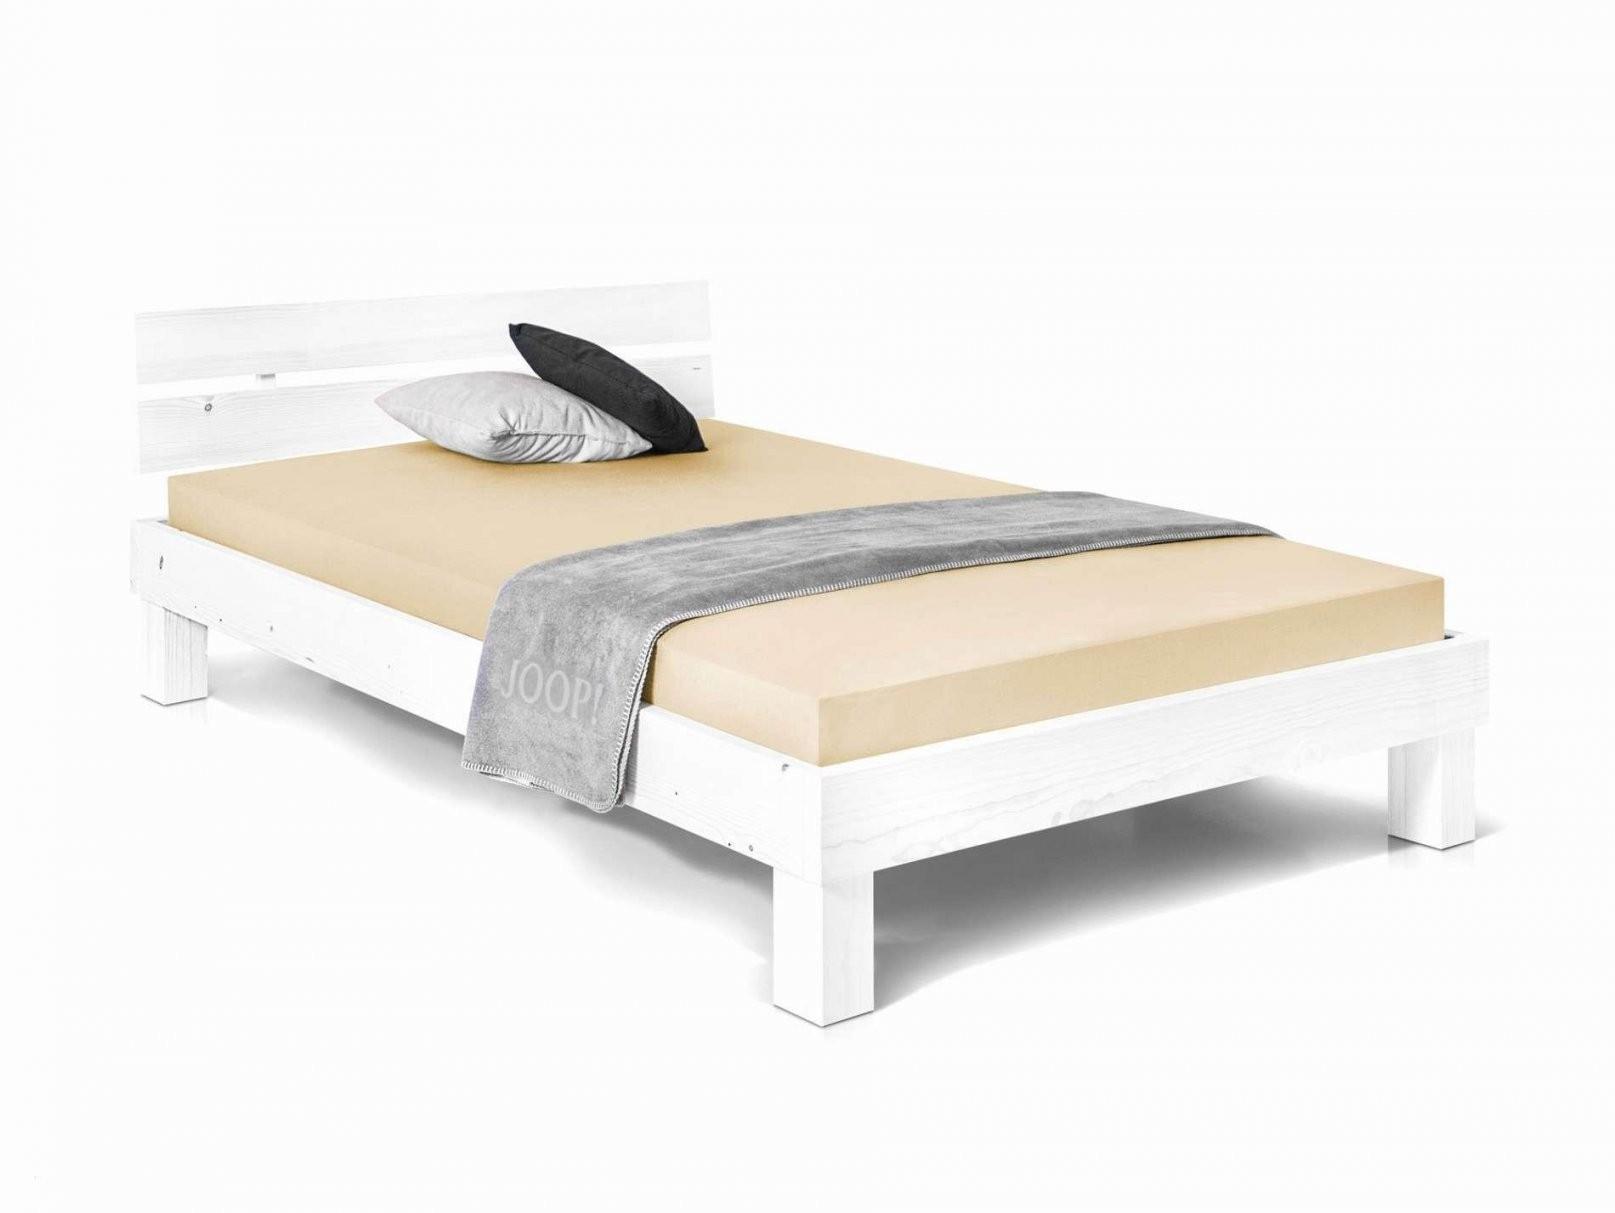 Best Bett Mit Matratze Und Lattenrost 140×200 Günstig Wamustory von Günstige Betten Mit Matratze Und Lattenrost Bild